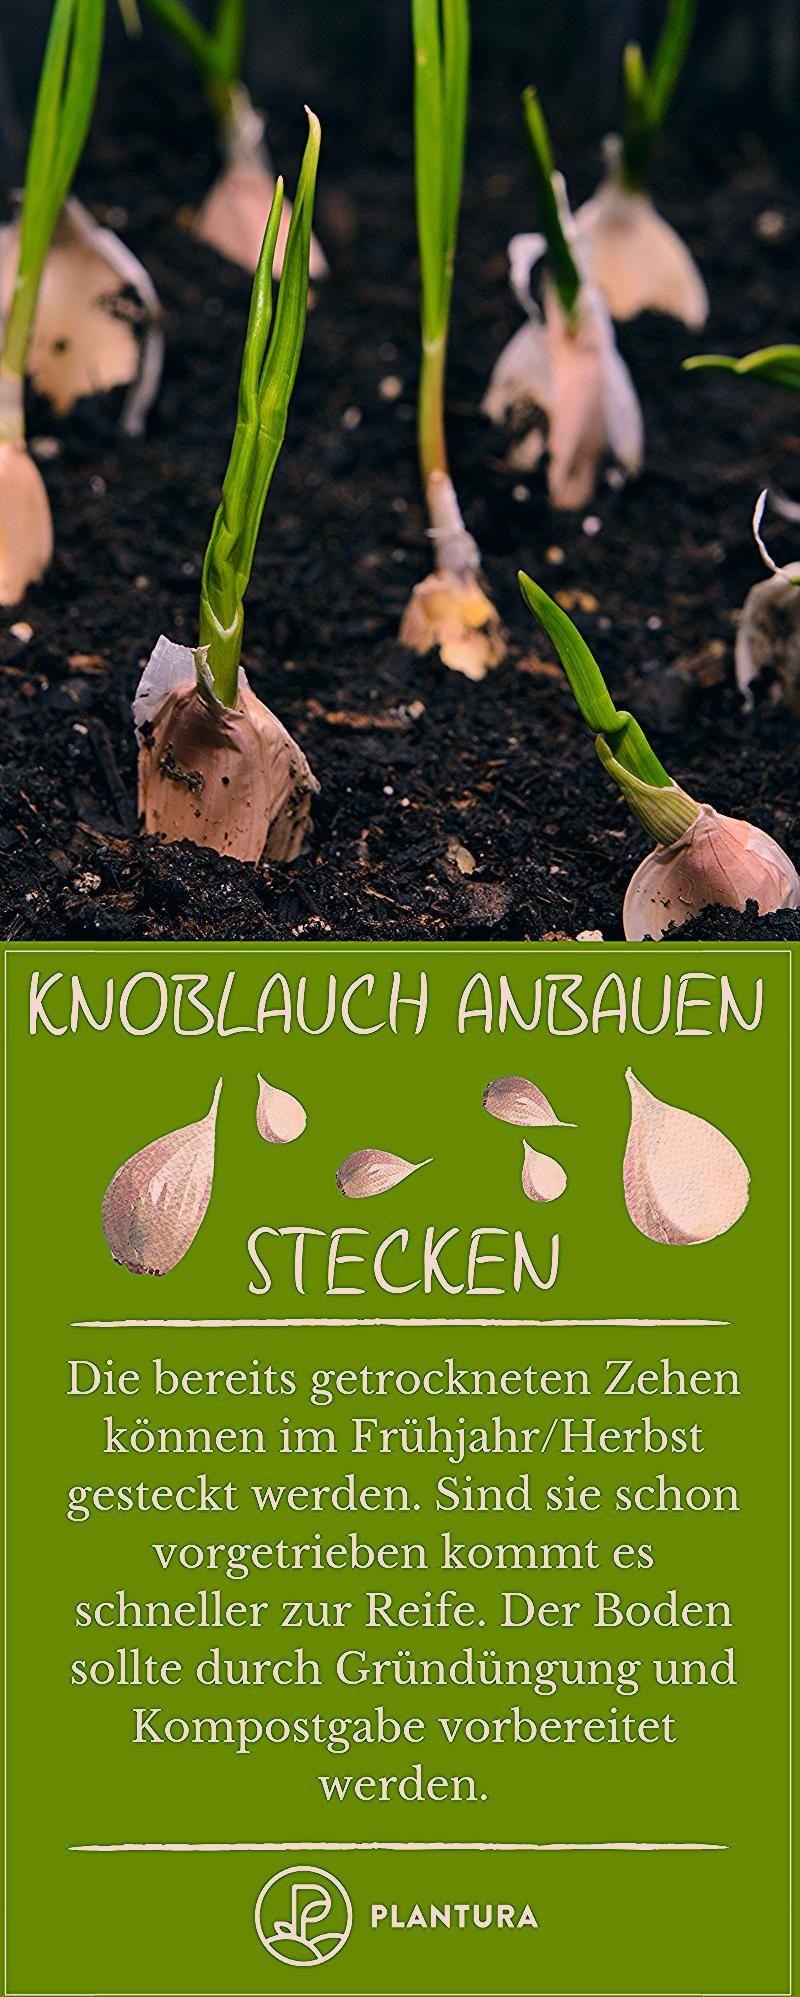 Photo of Knoblauch anbauen: Stecken, pflanzen und ernten